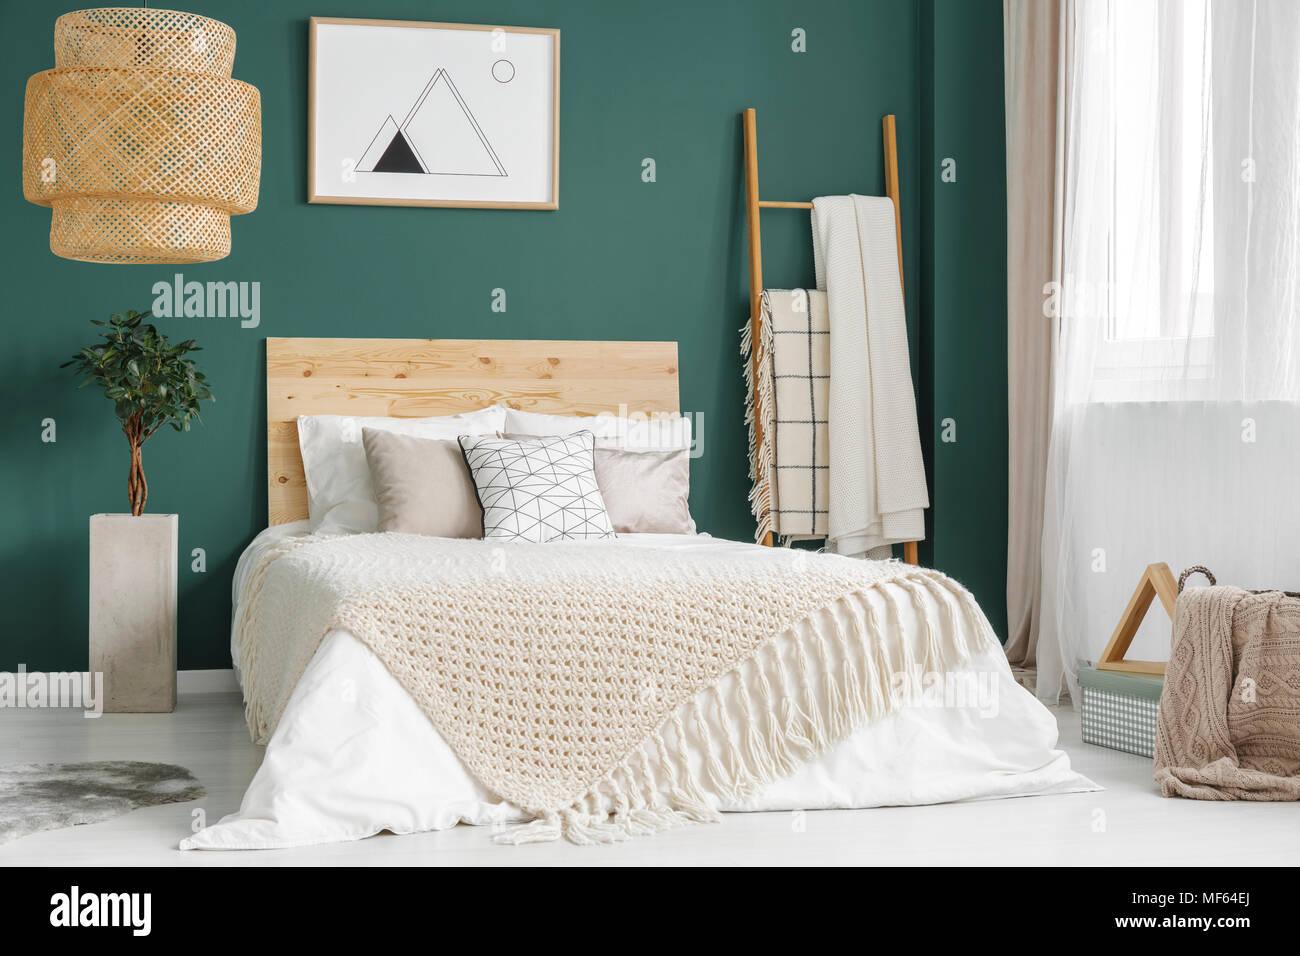 Impianti e rattan lampada in verde accogliente interiore camera da ...